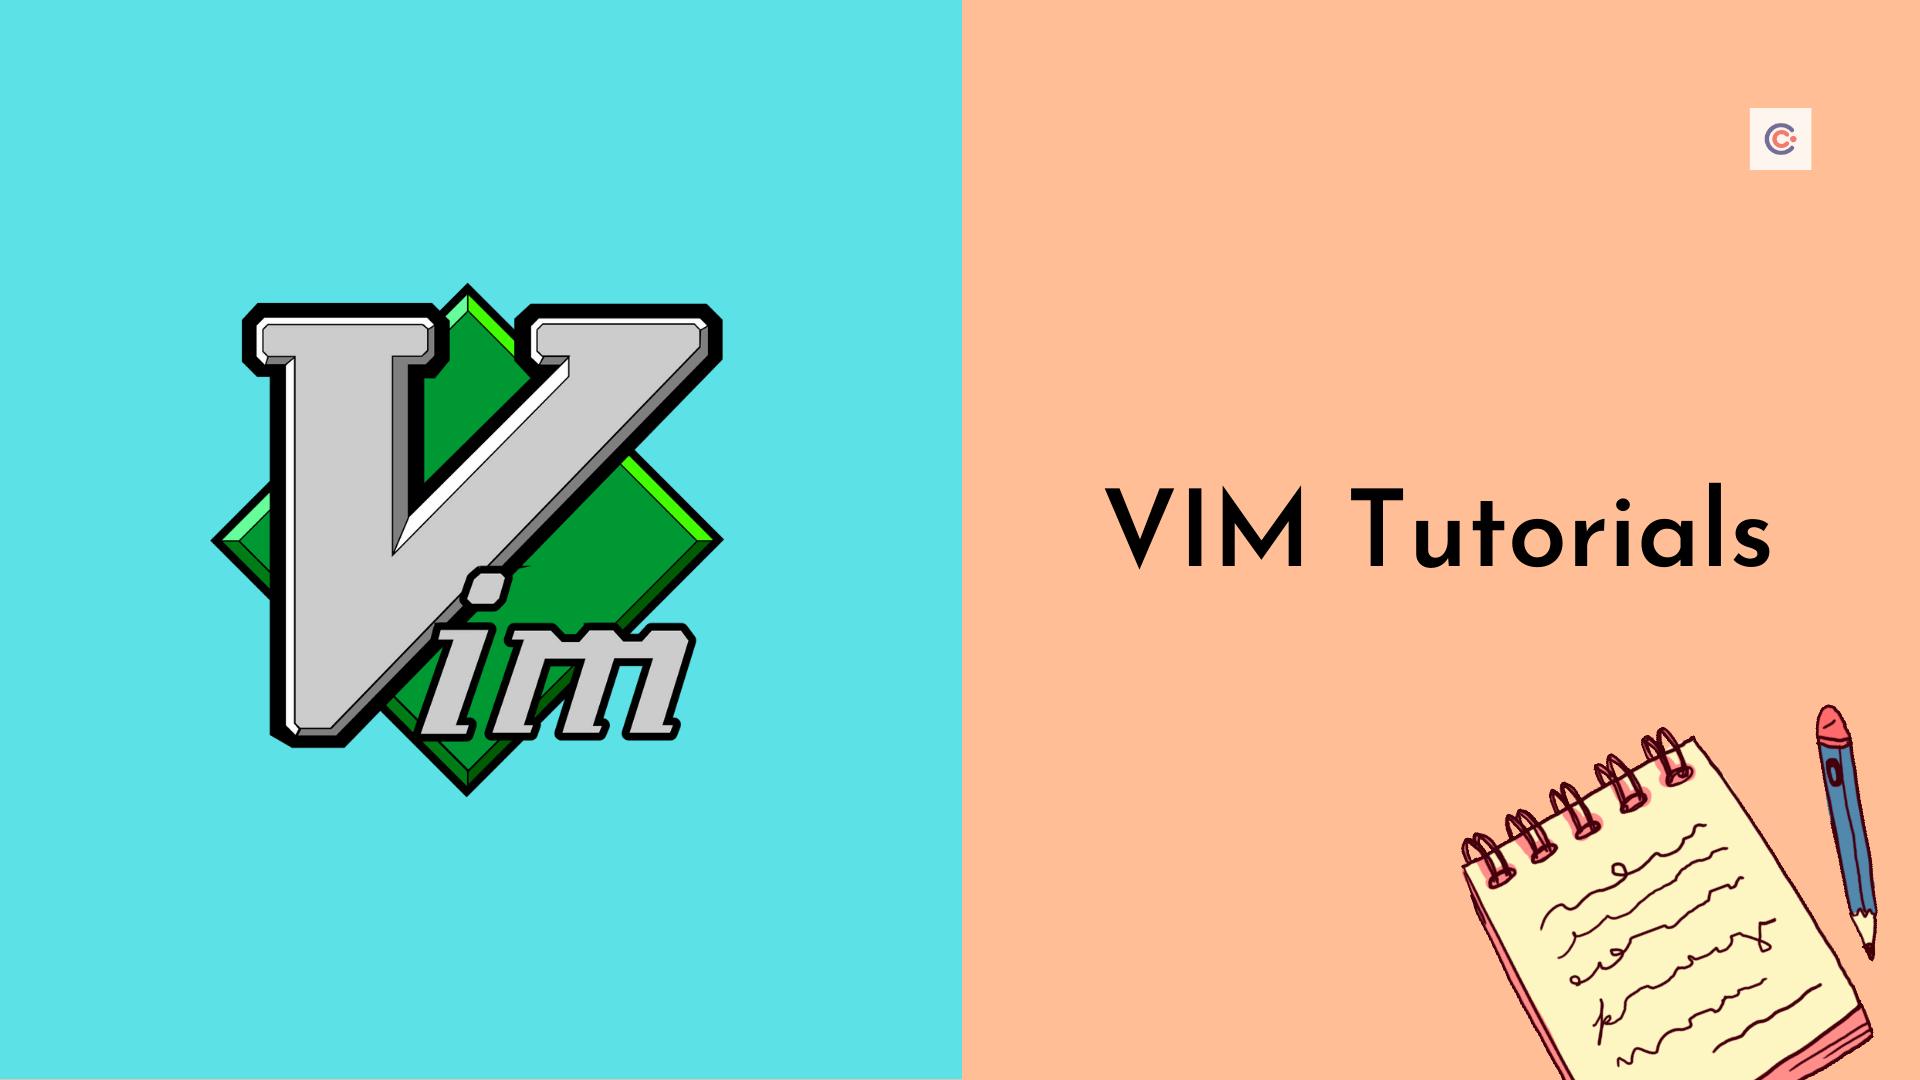 7 Best Vim Tutorials - Learn VIM Online